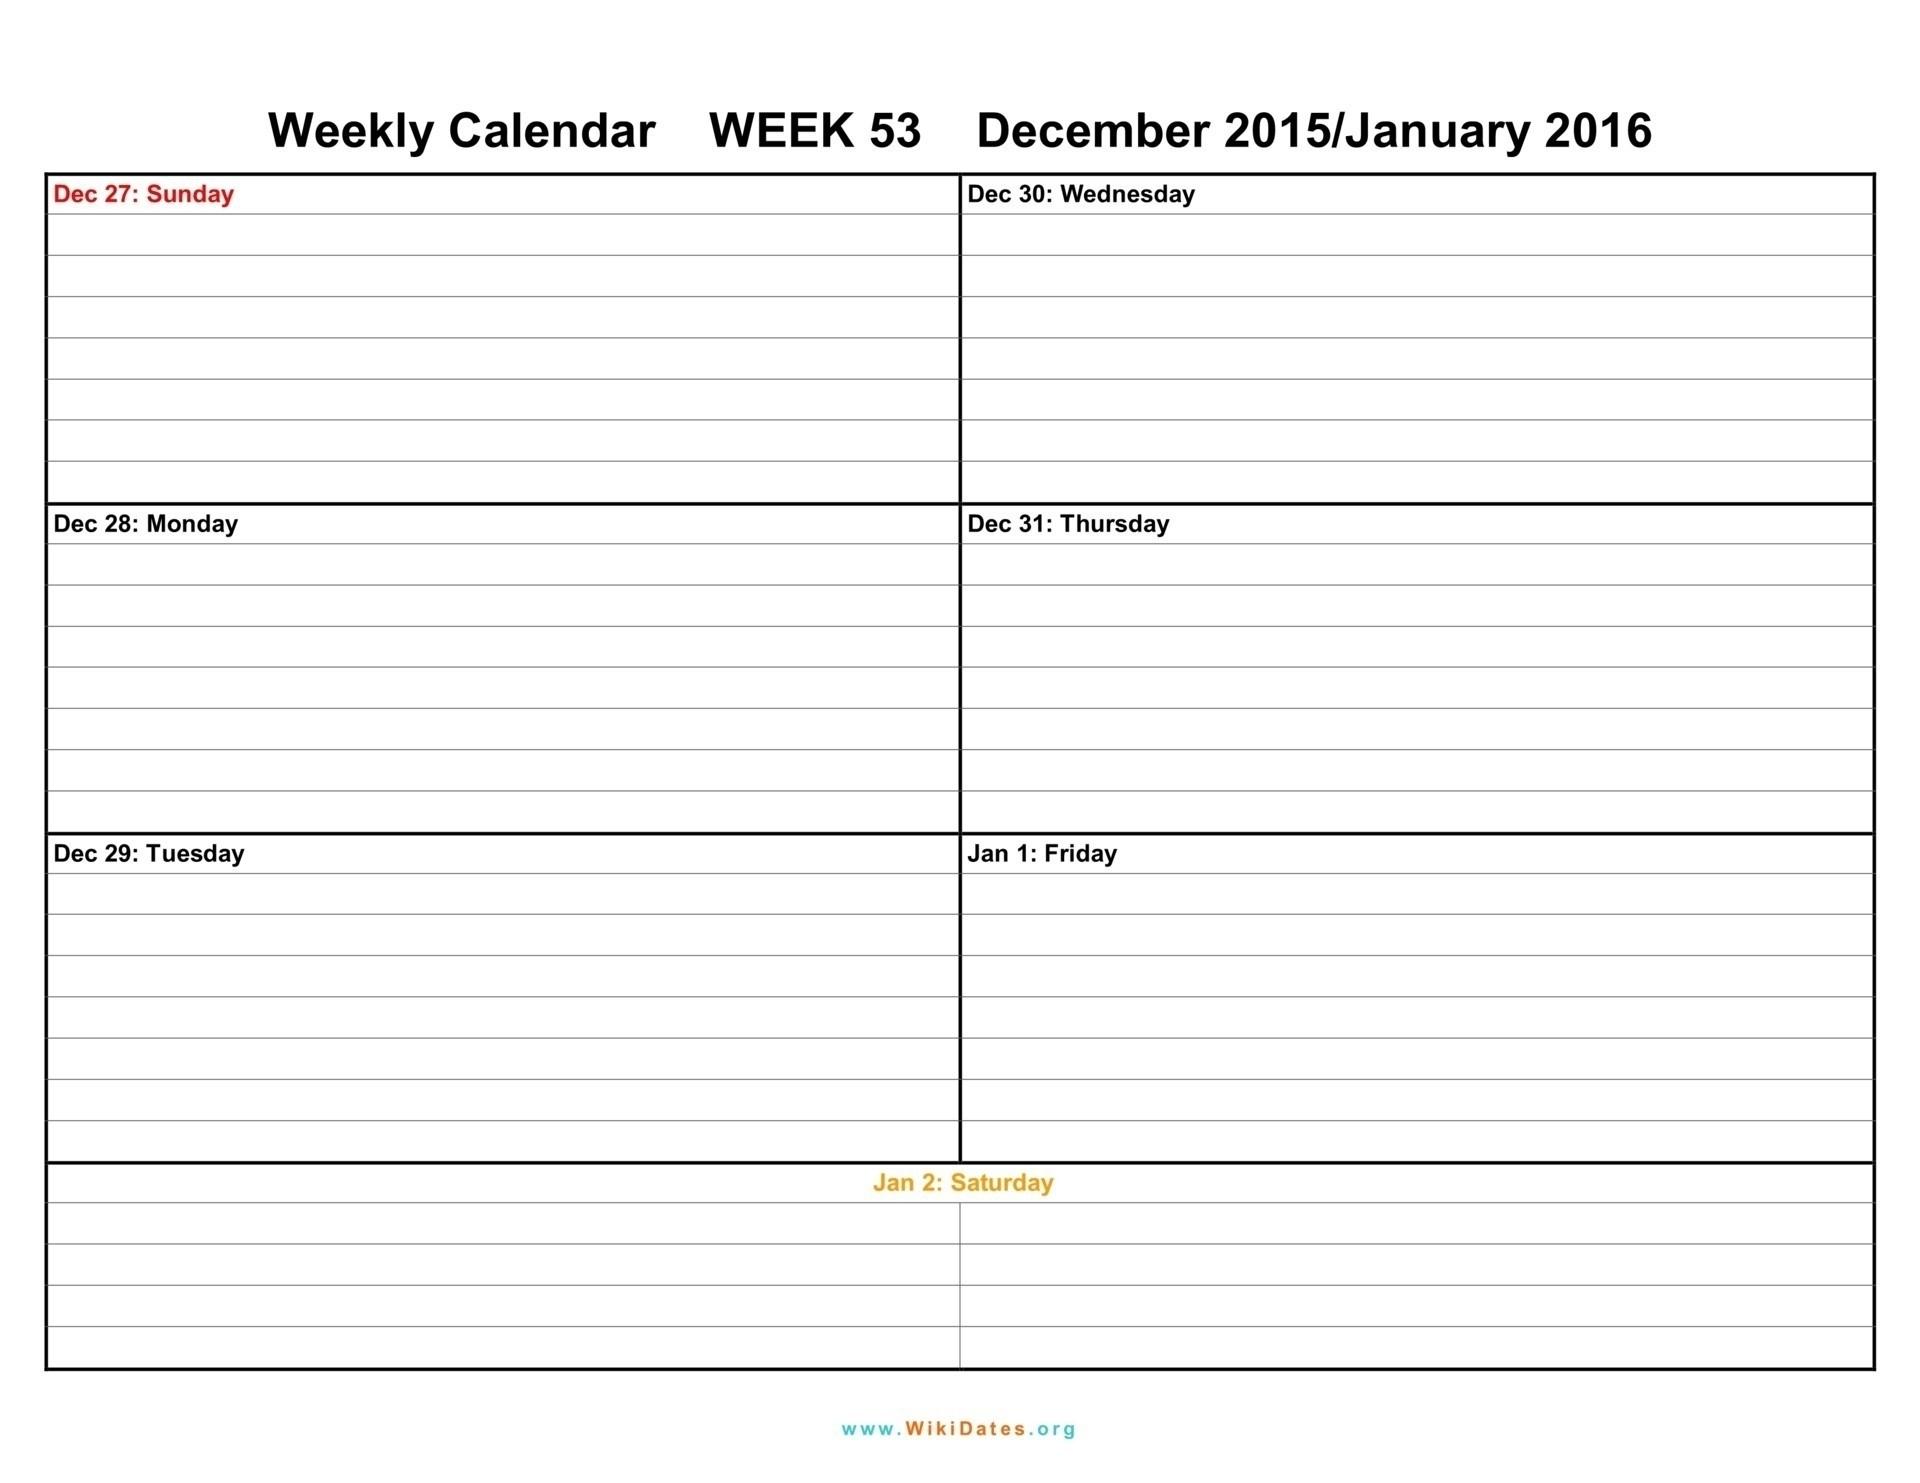 Schedule Template Two Week Calendar Word Weeks Blank Printable | Smorad in Two-Week Calendar Template Word Printable